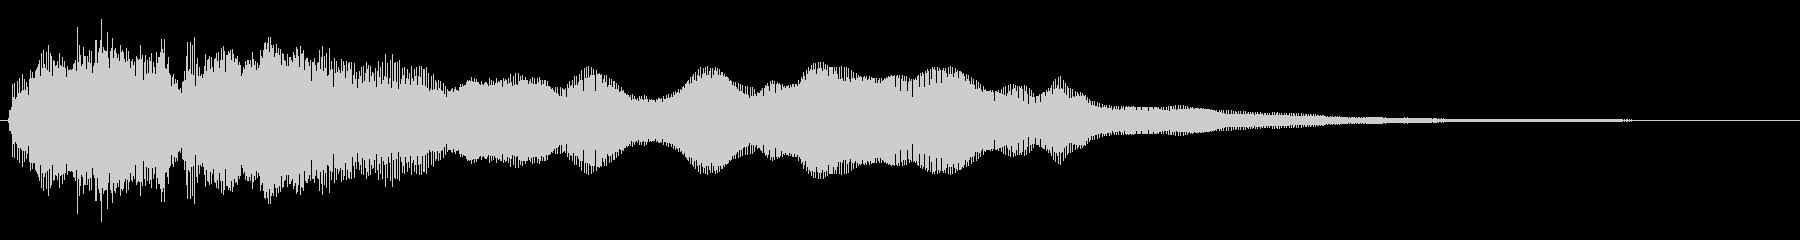 トッカータ風ジングル 04の未再生の波形